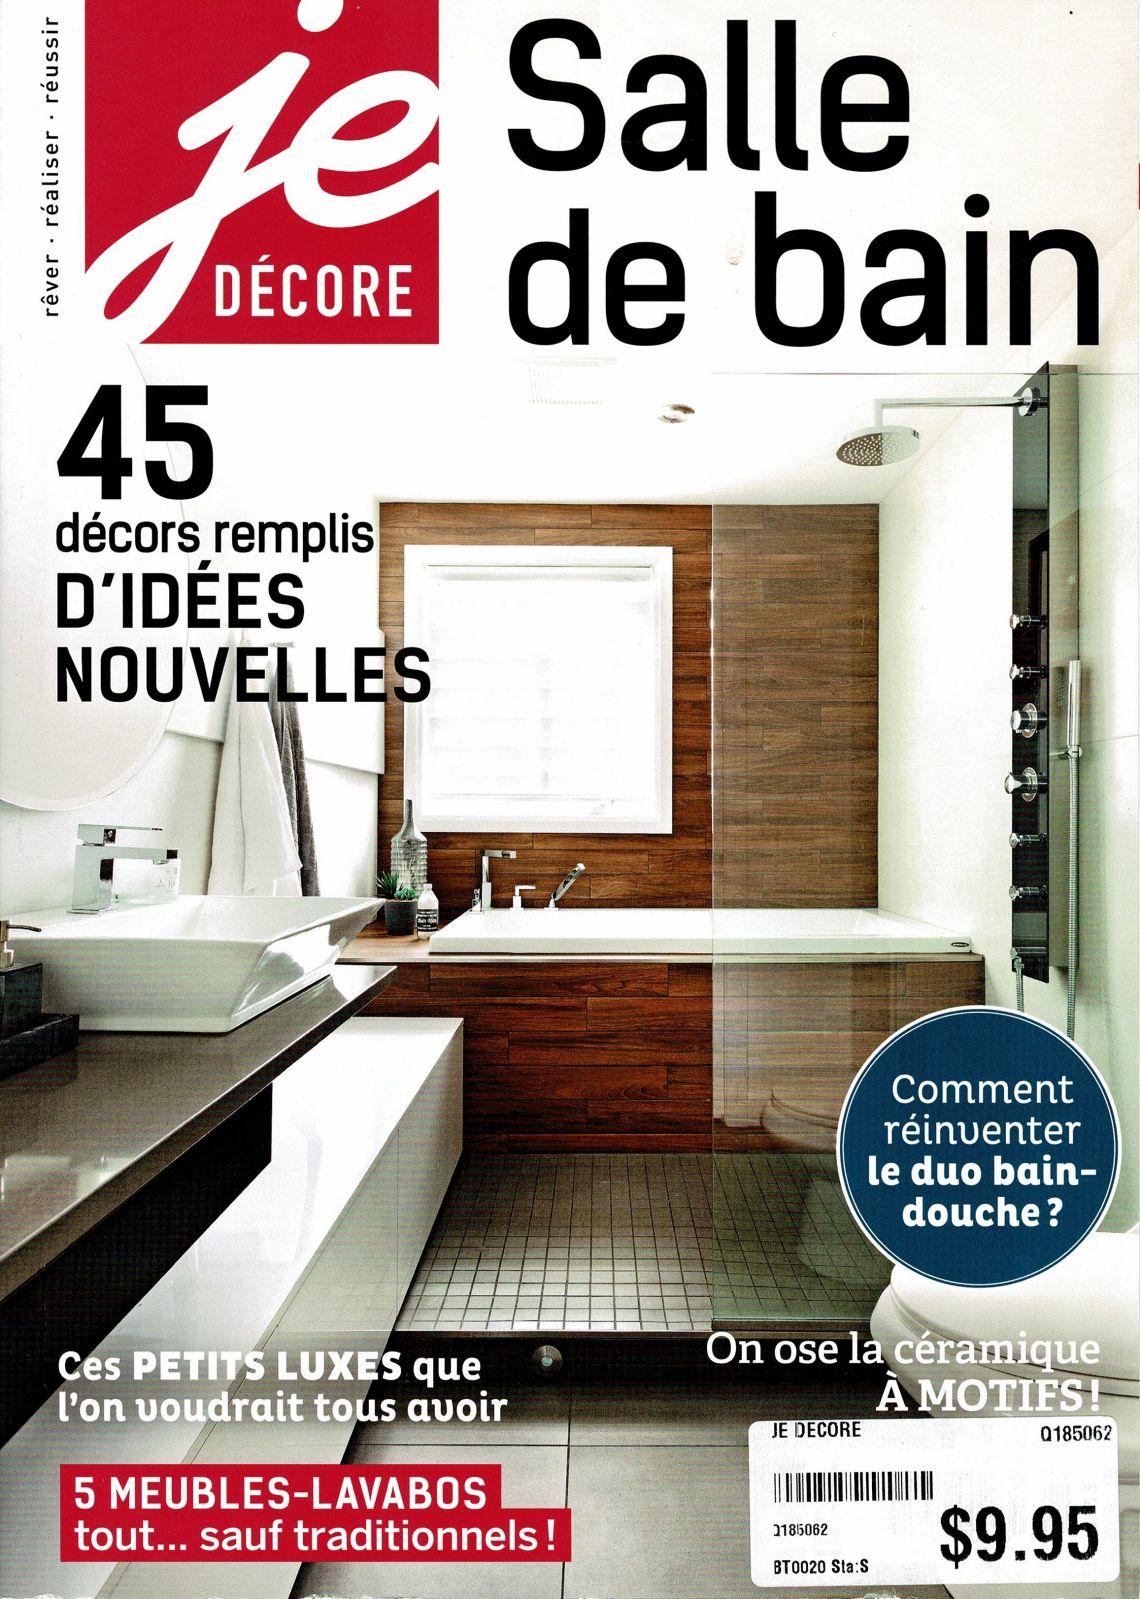 Je d core salle de bain plani paysage - Je decore salle de bain ...